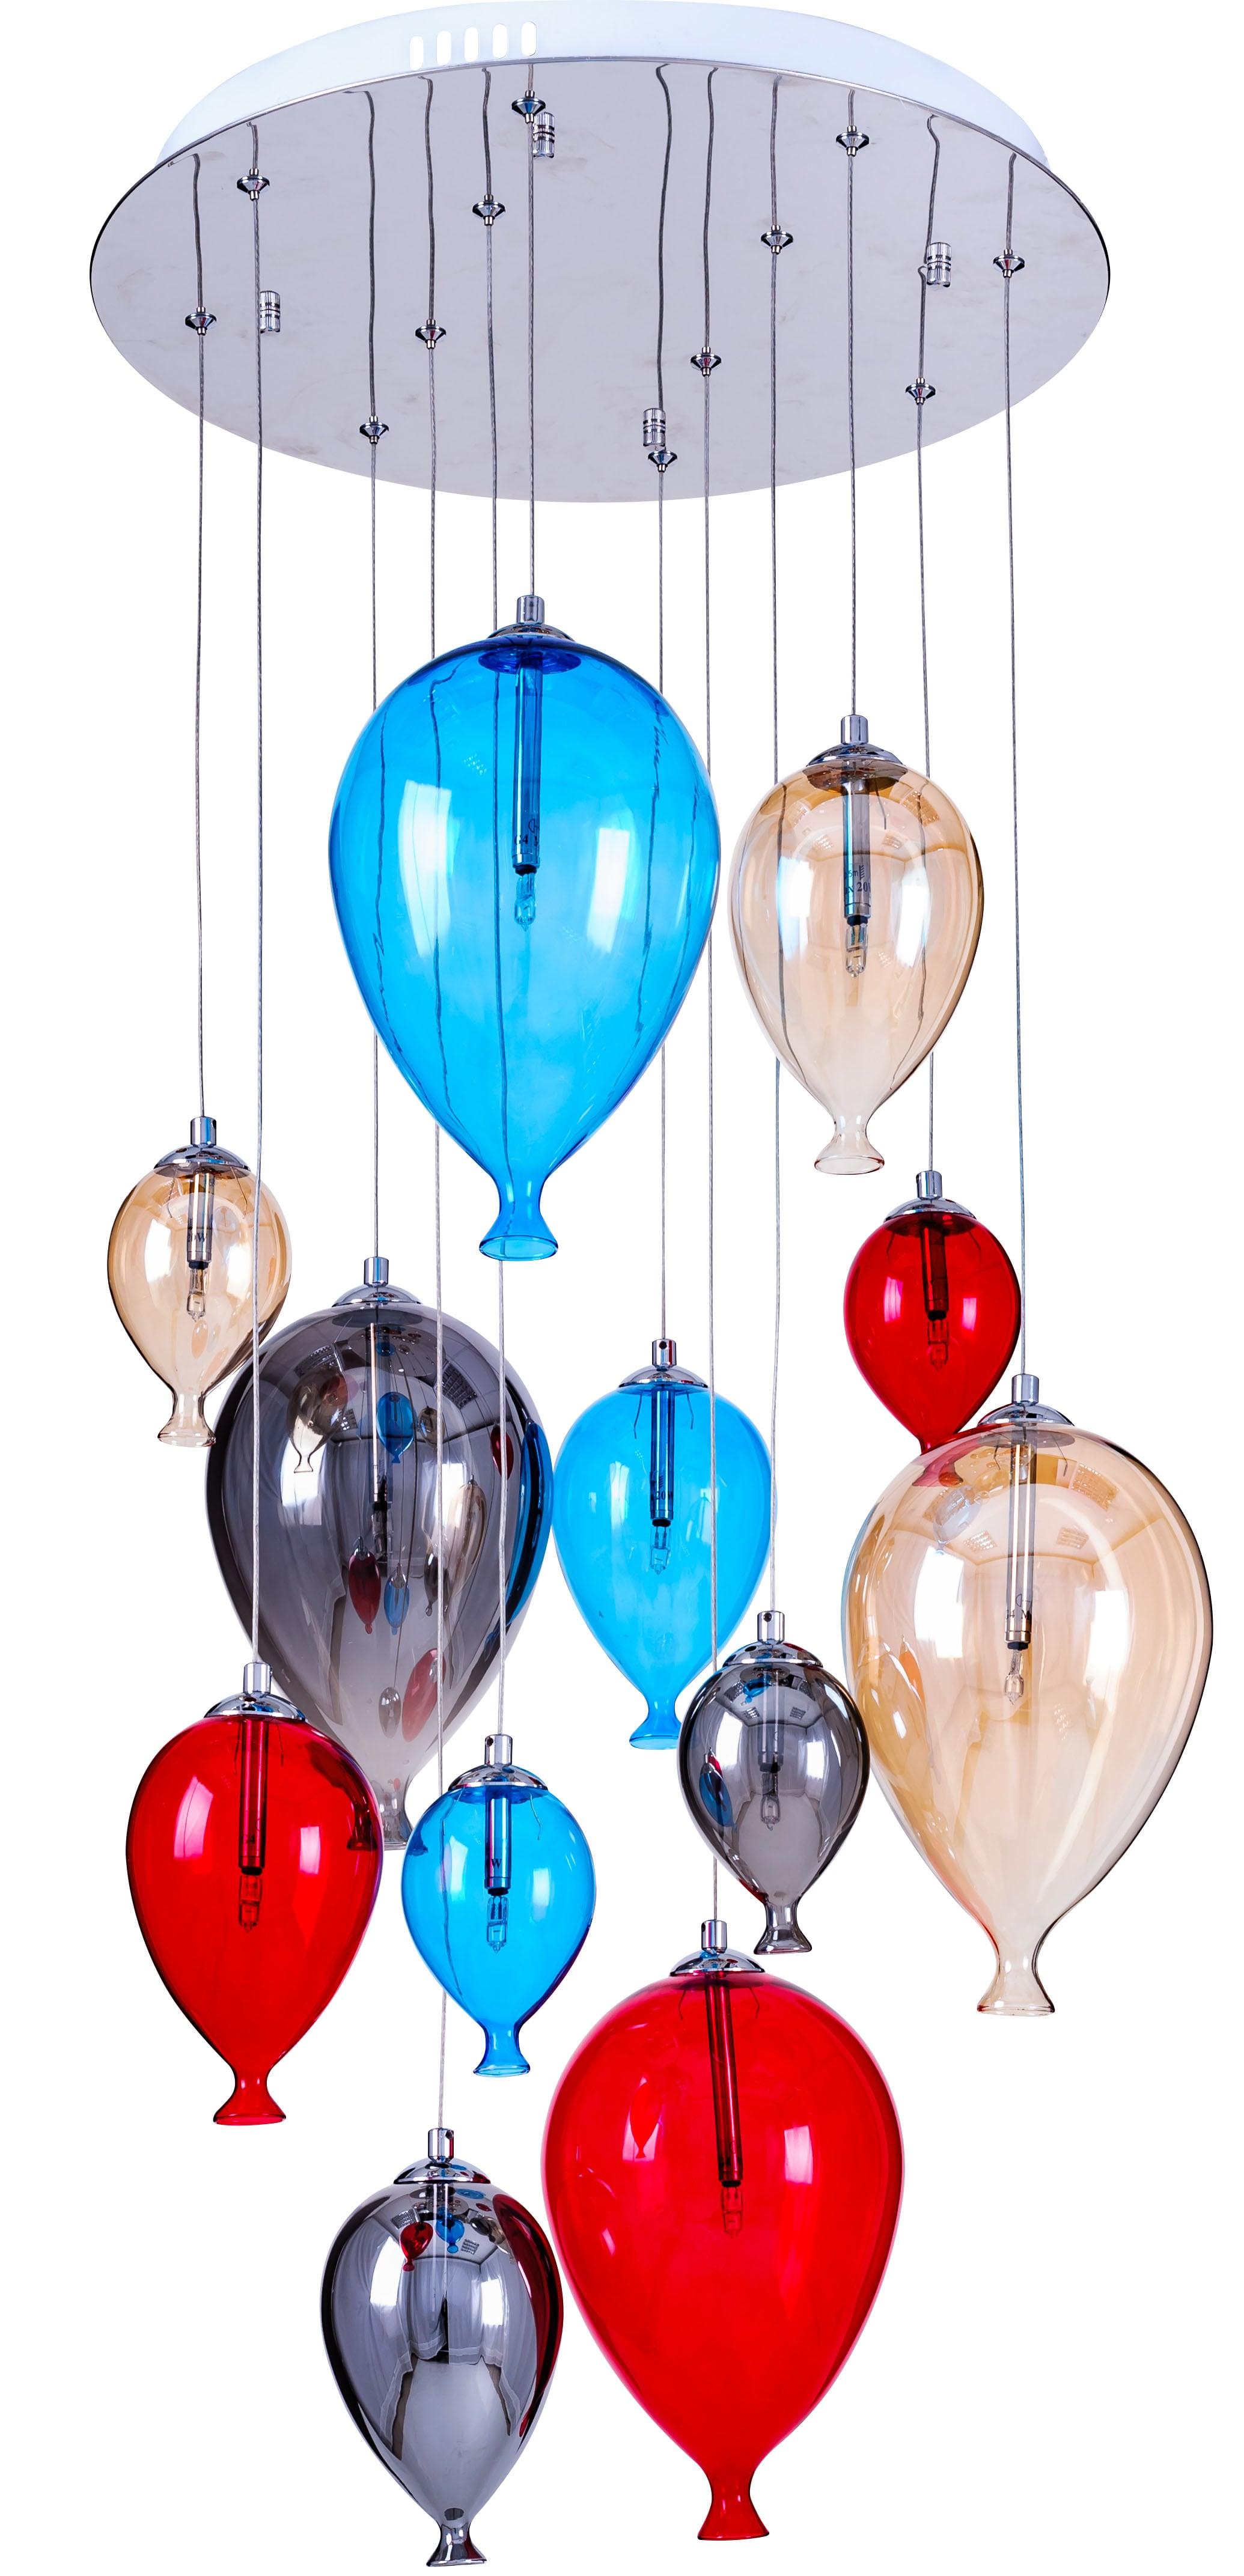 Lampa suspendată pentru baloane pentru copii - Balon multicolor 160cm / 45cm 12xG4 20W